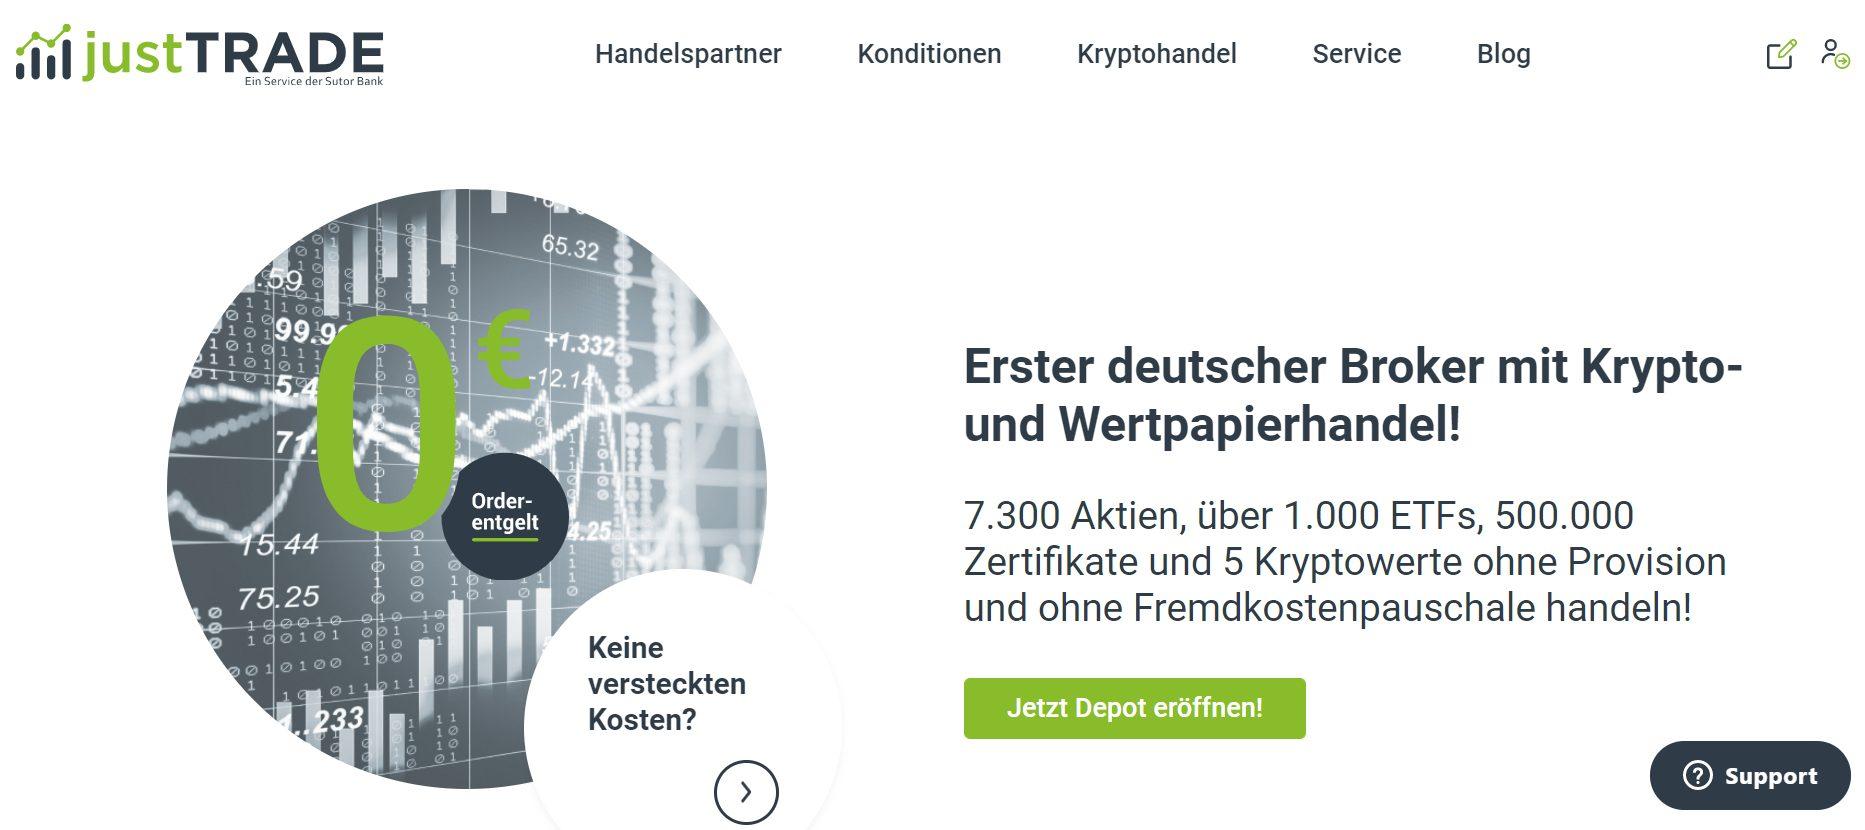 justTRADE Website Screenshot